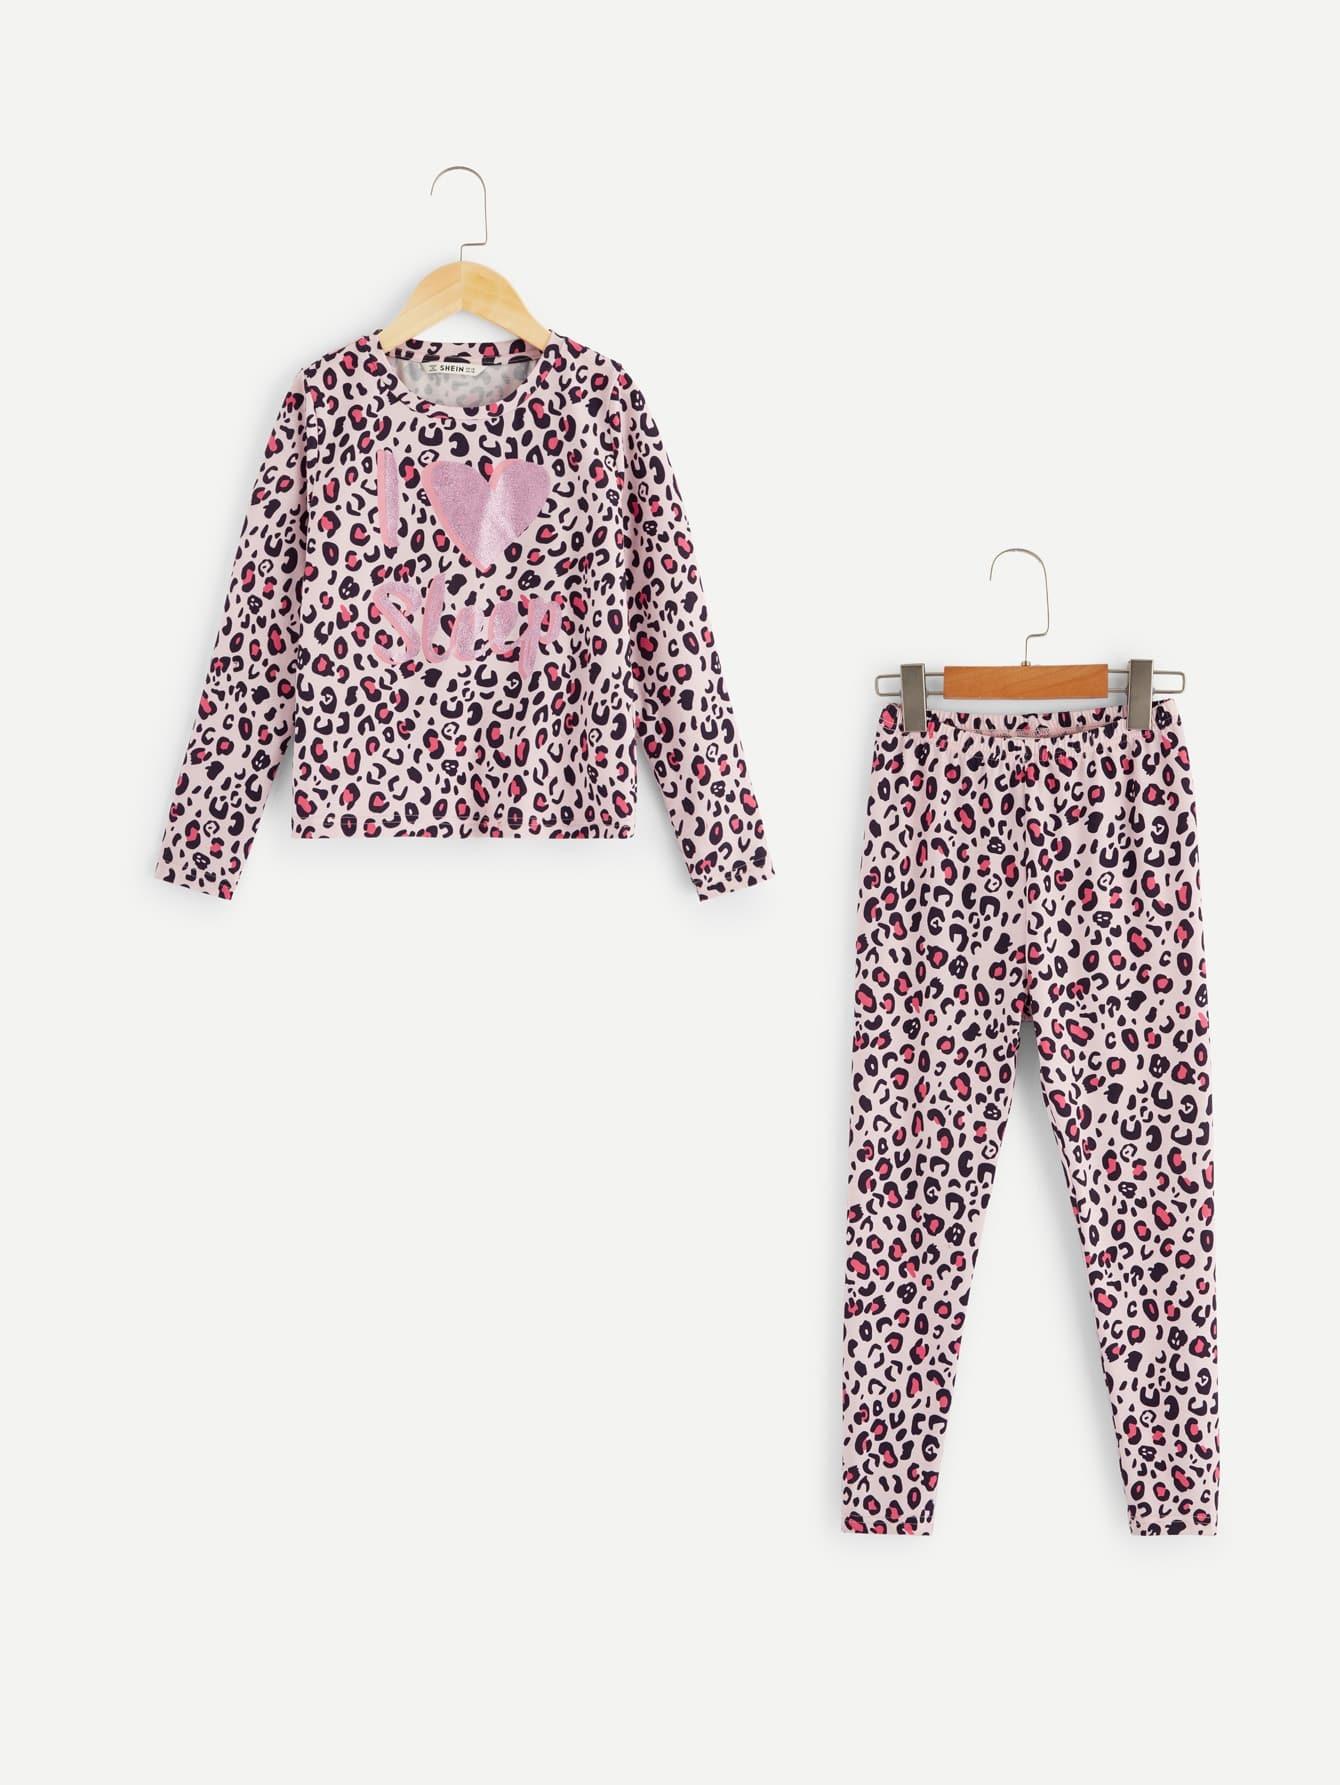 Женская леопардовая футболка с текстовым принтом и брюки комплект от SheIn